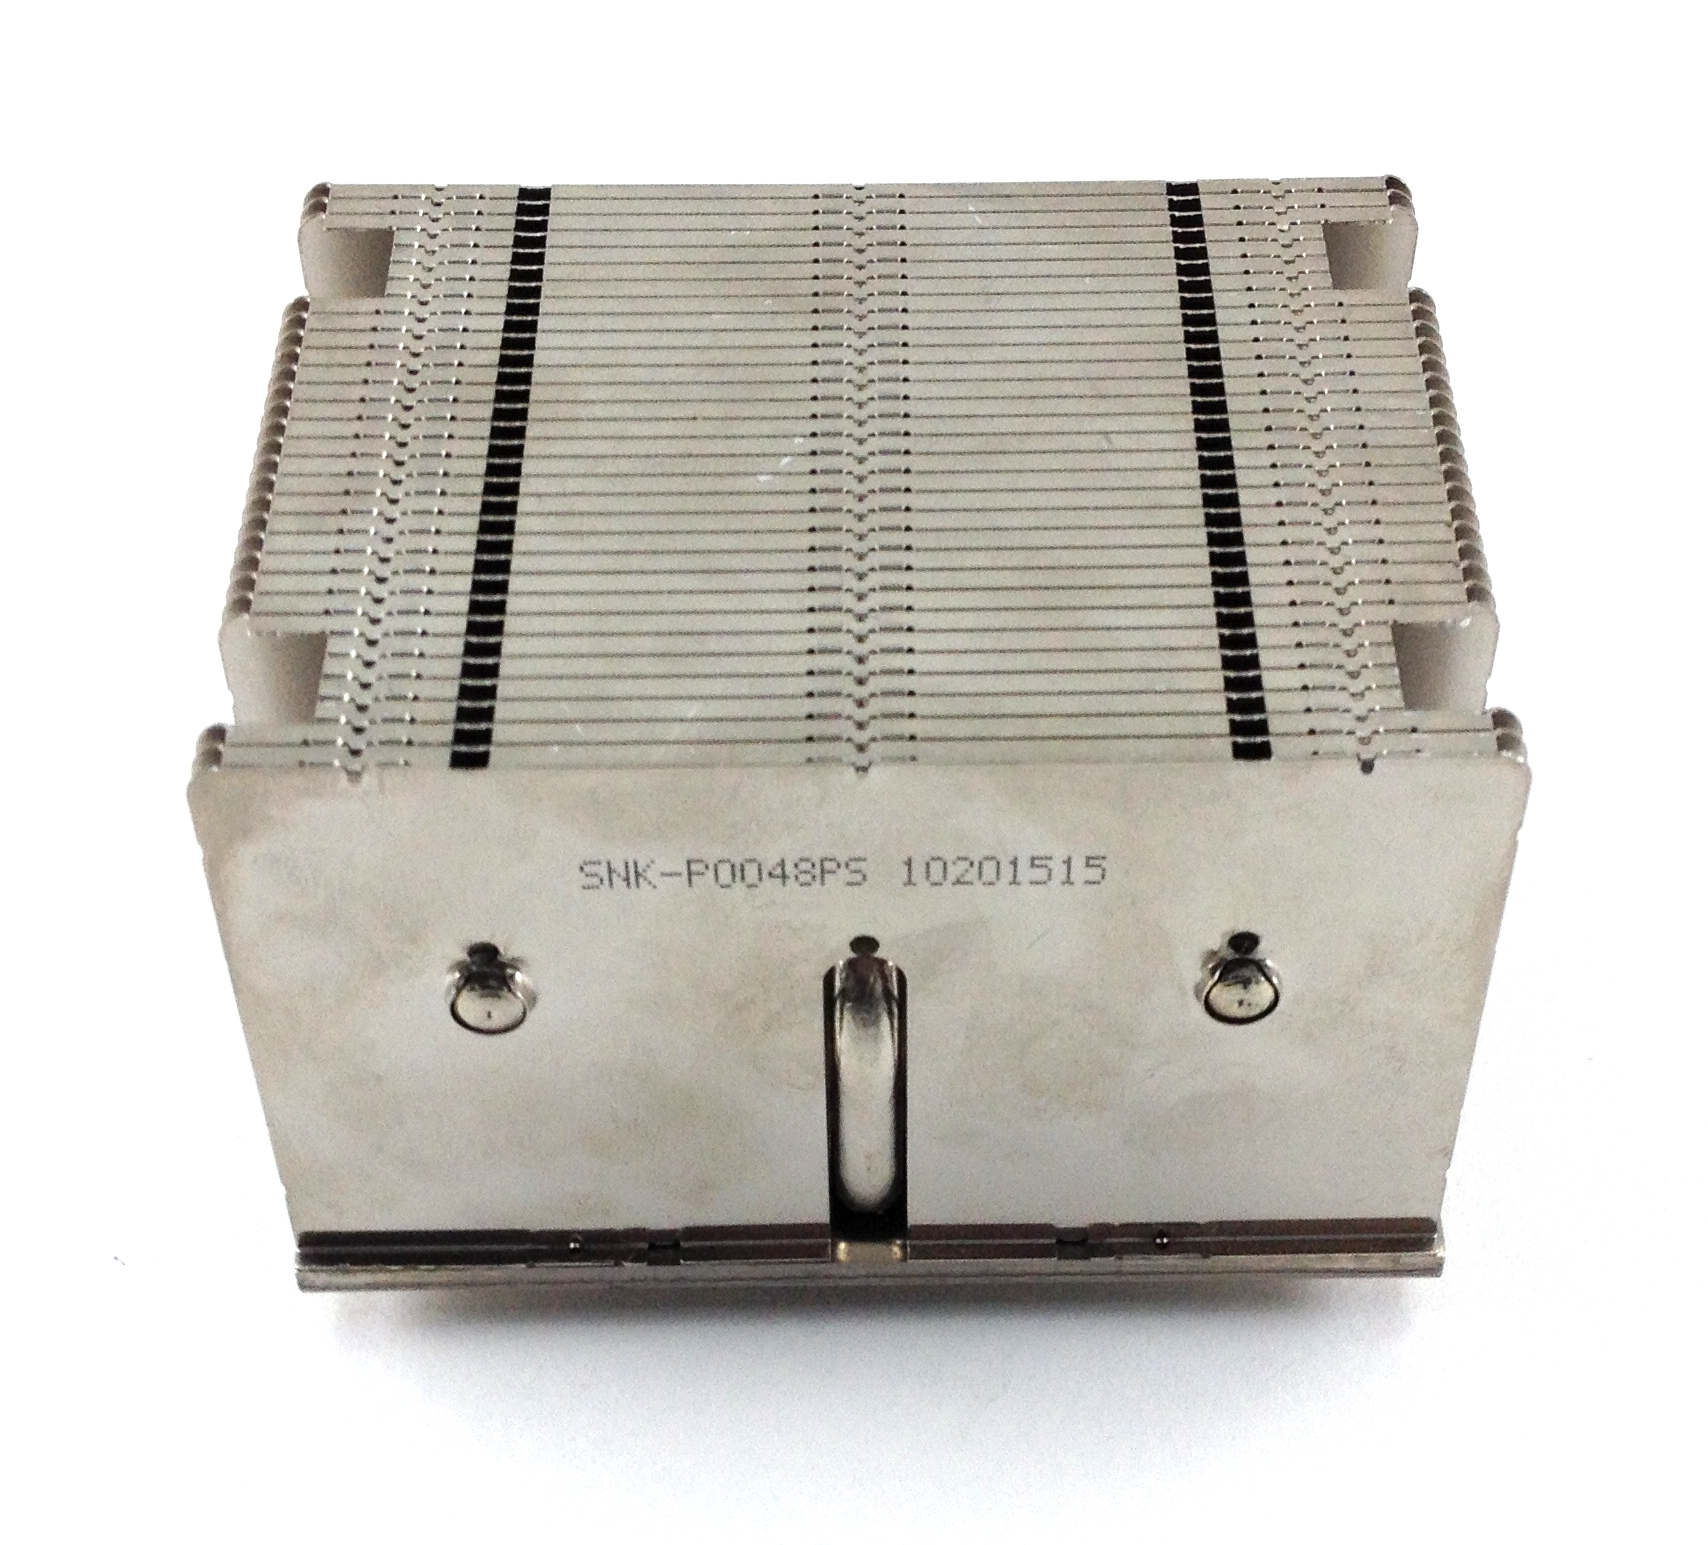 Supermicro LGA2011 CPU Heatsink For X9 X10 2U UP DP MP (SNK-P0048PS)